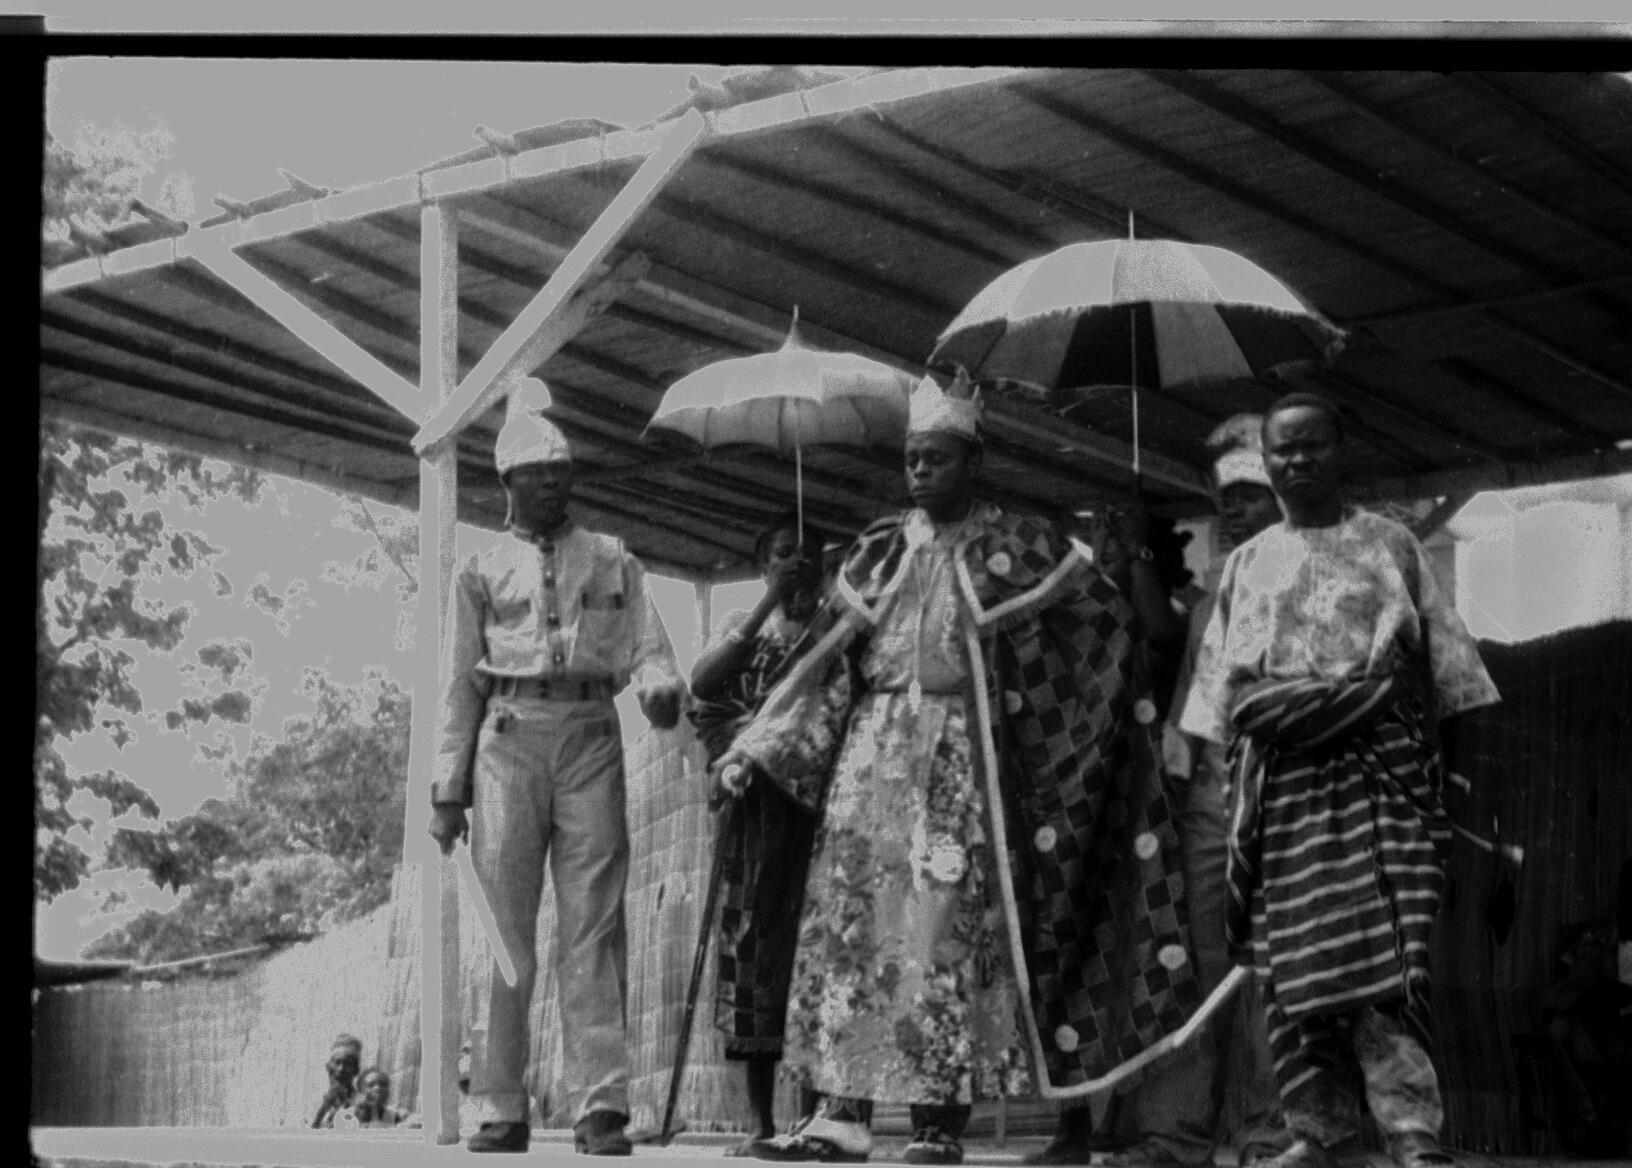 Les archives de Cosme Dossa, cliquez pour afficher le diaporama: